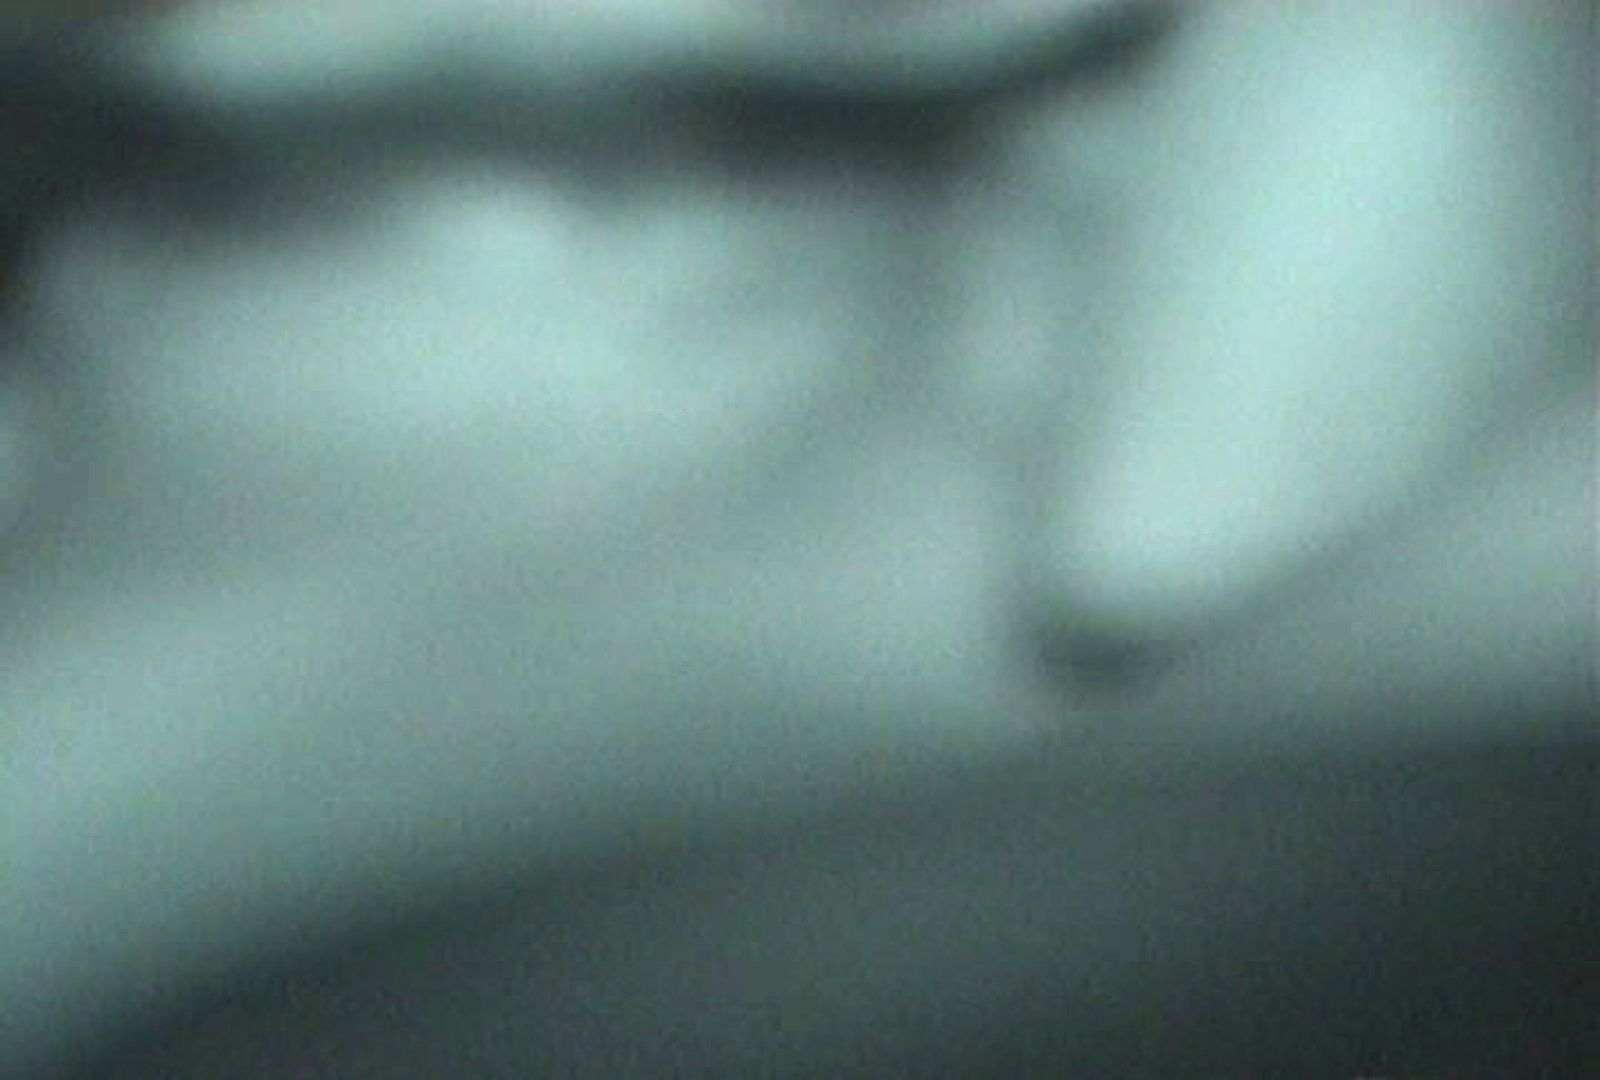 充血監督の深夜の運動会Vol.45 OLセックス | カーセックス  59画像 55